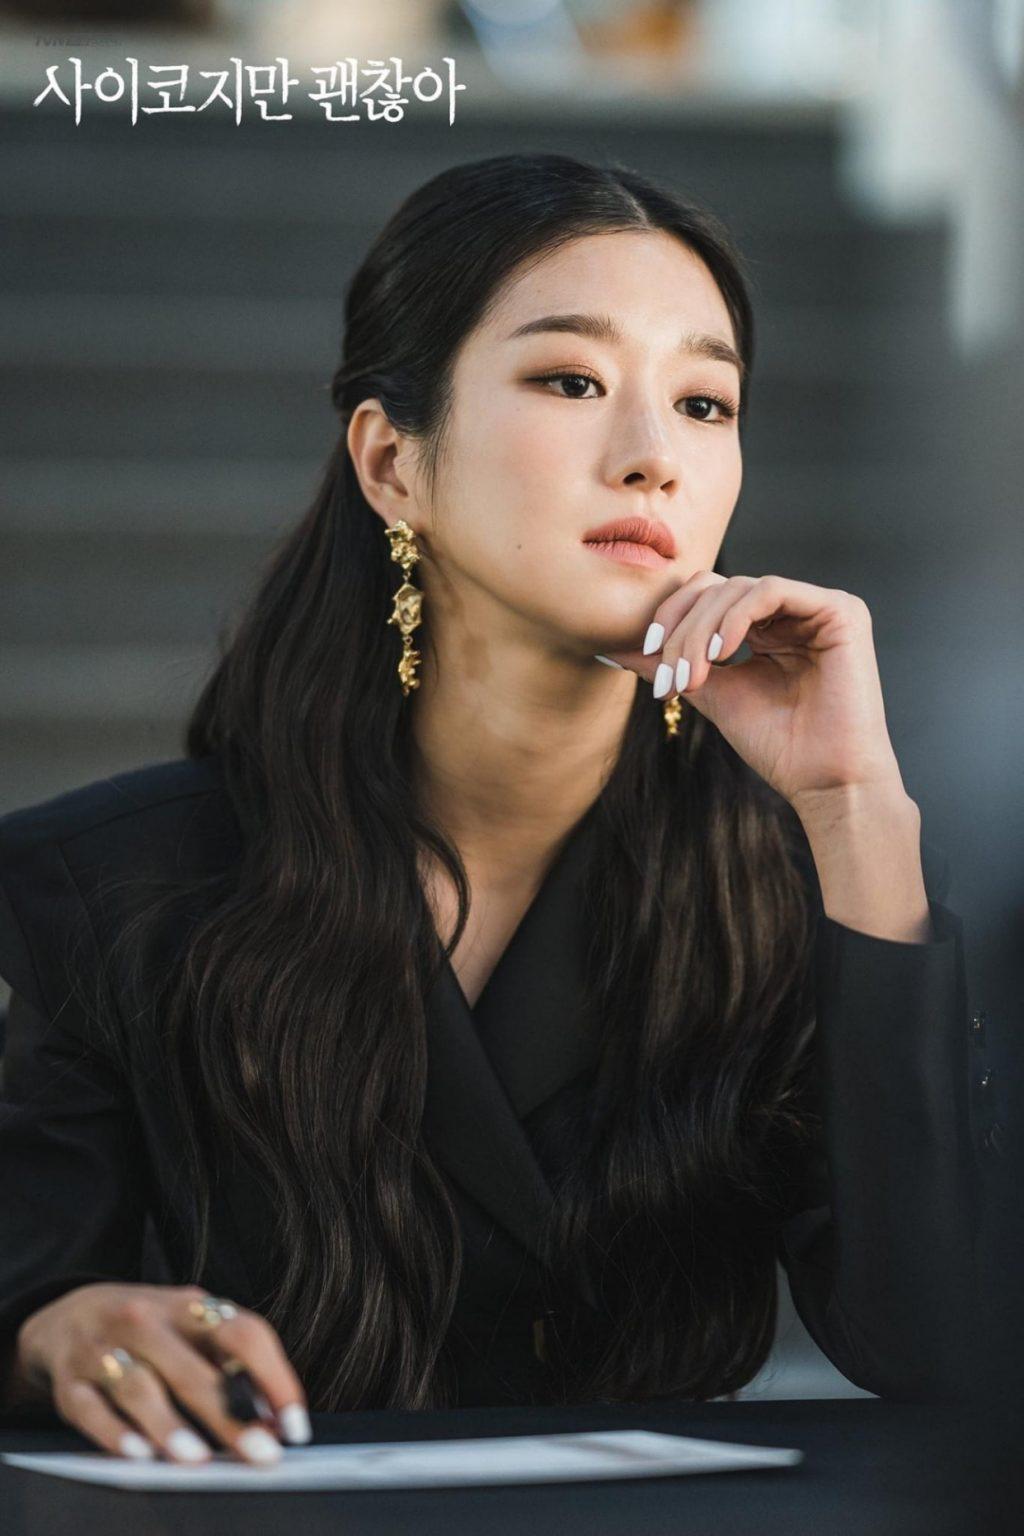 3 nhân vật điên loạn đỉnh nhất phim Hàn 2020: Seo Ye Ji, Lee Jun Ki 'hở là doạ giết', riêng Kim Dami tạo ra trend nữ quyền mới 1